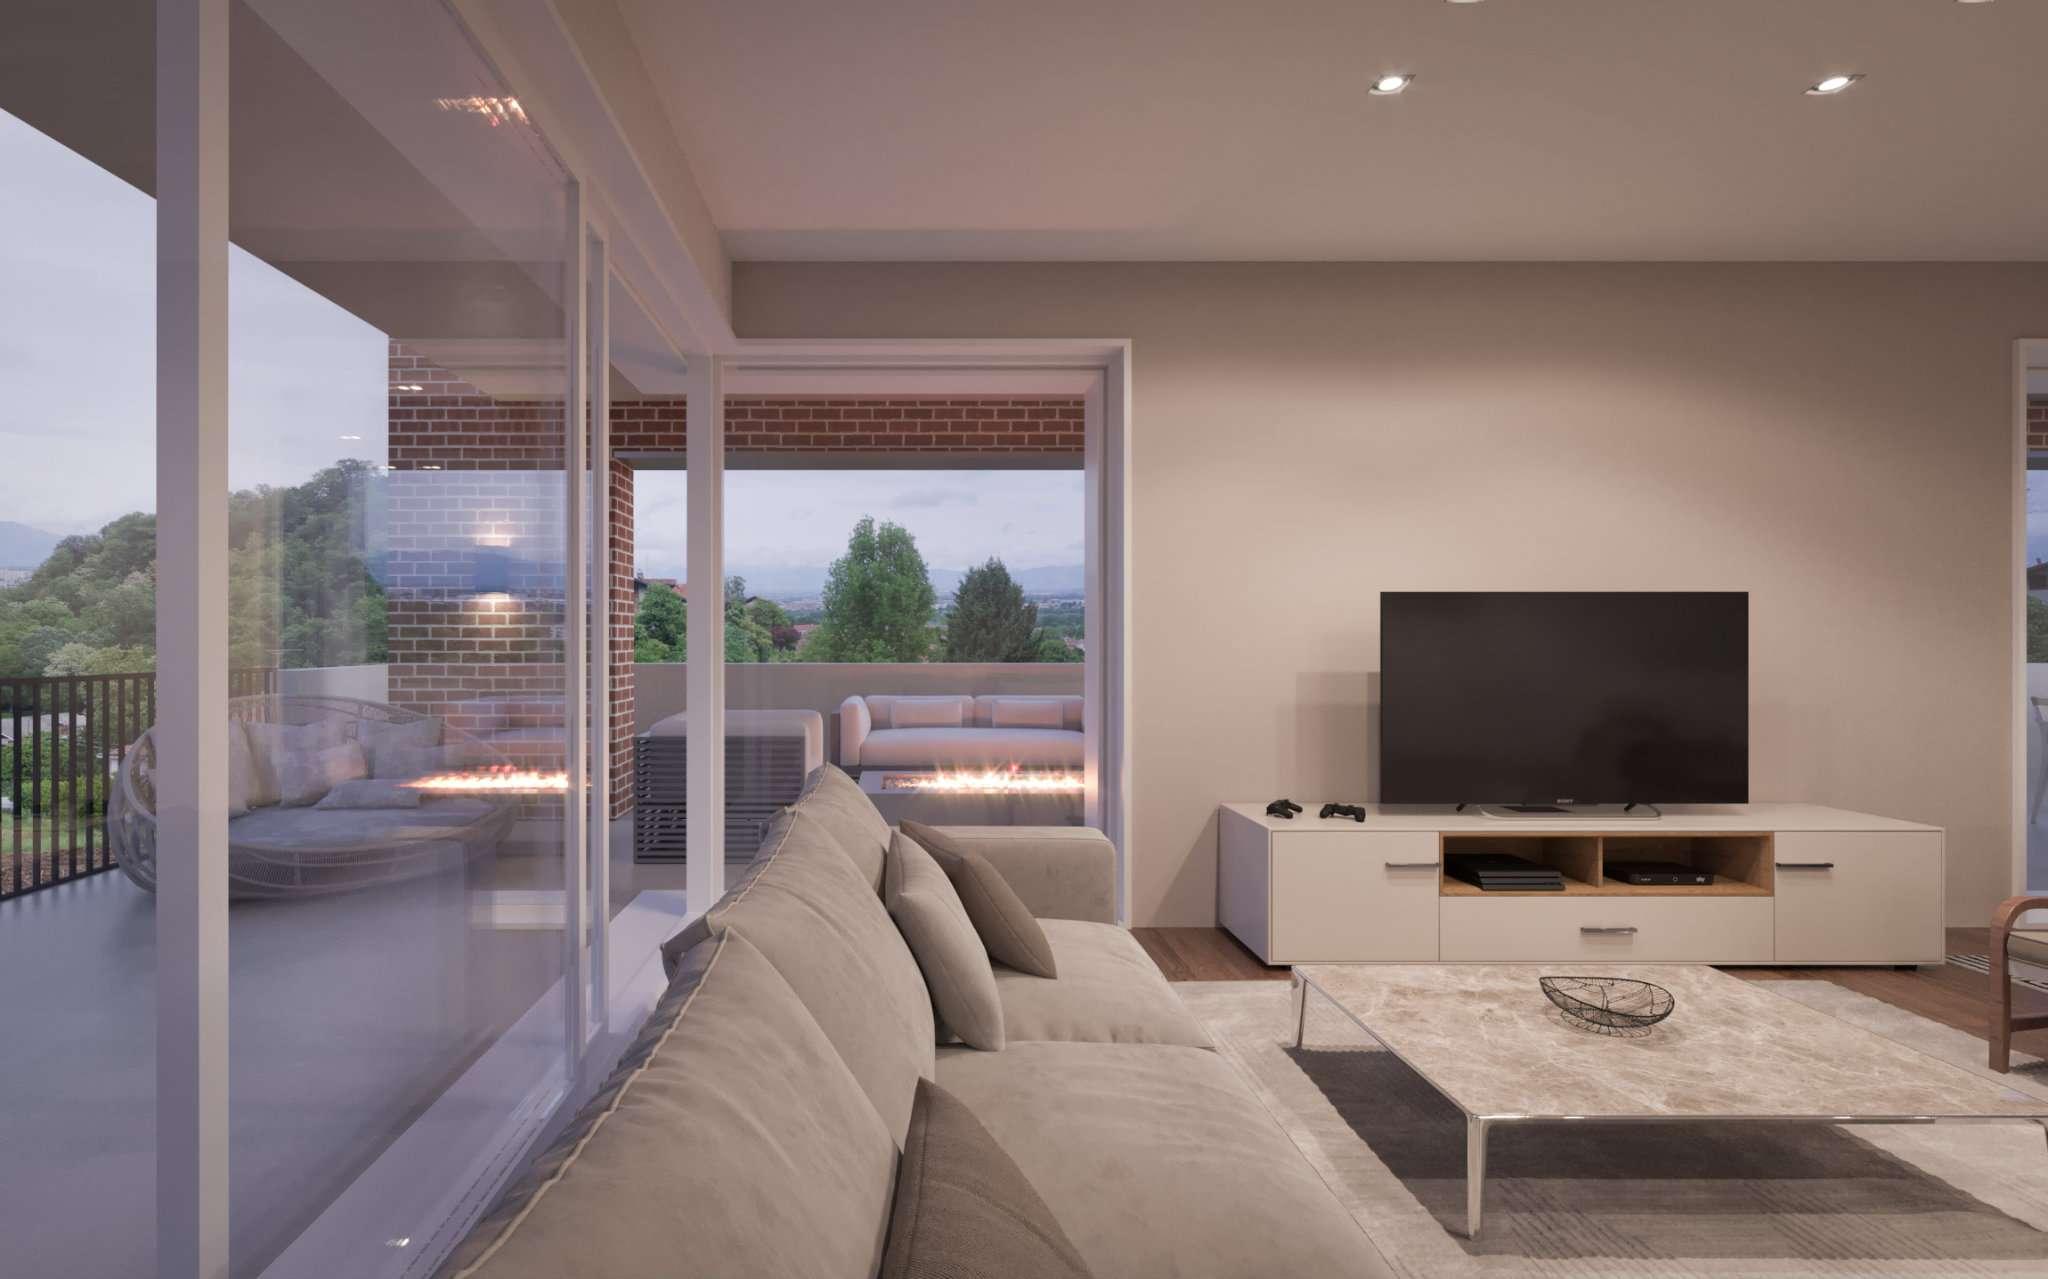 Appartamento in vendita a San Mauro Torinese, 6 locali, prezzo € 485.000 | PortaleAgenzieImmobiliari.it